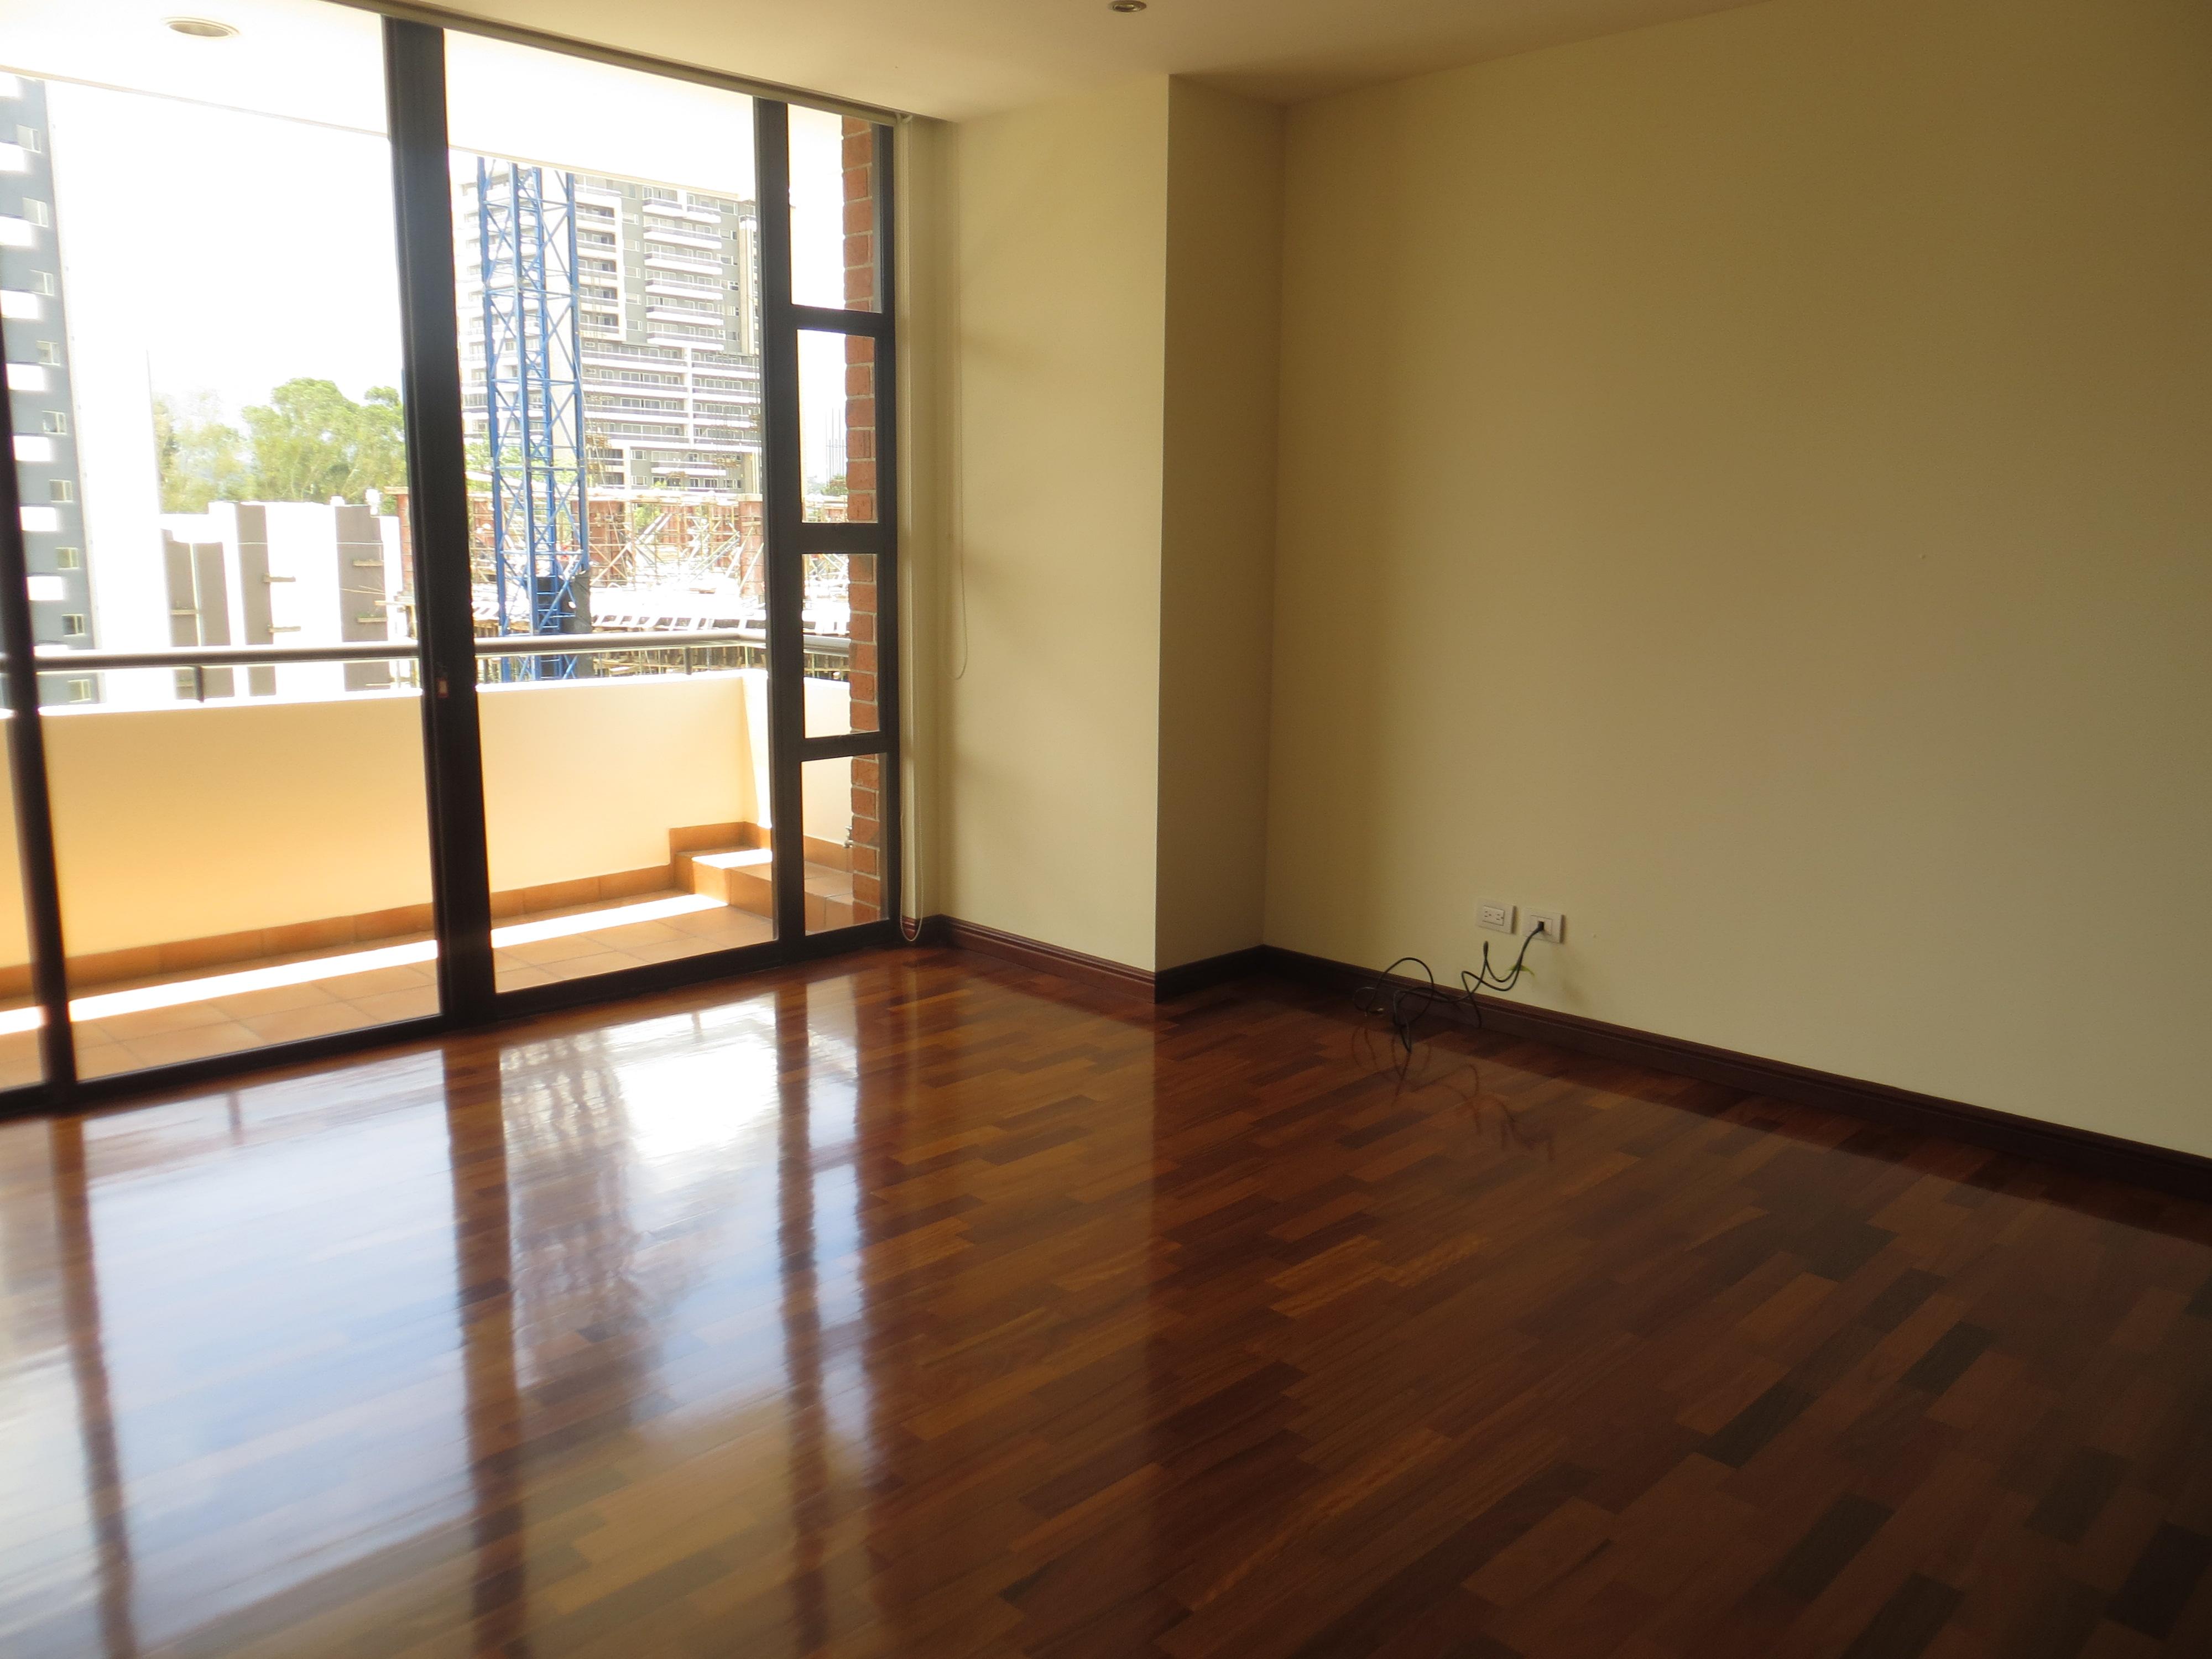 Alquiler de apartamento en edificio con piscina for Apartamentos alquiler con piscina